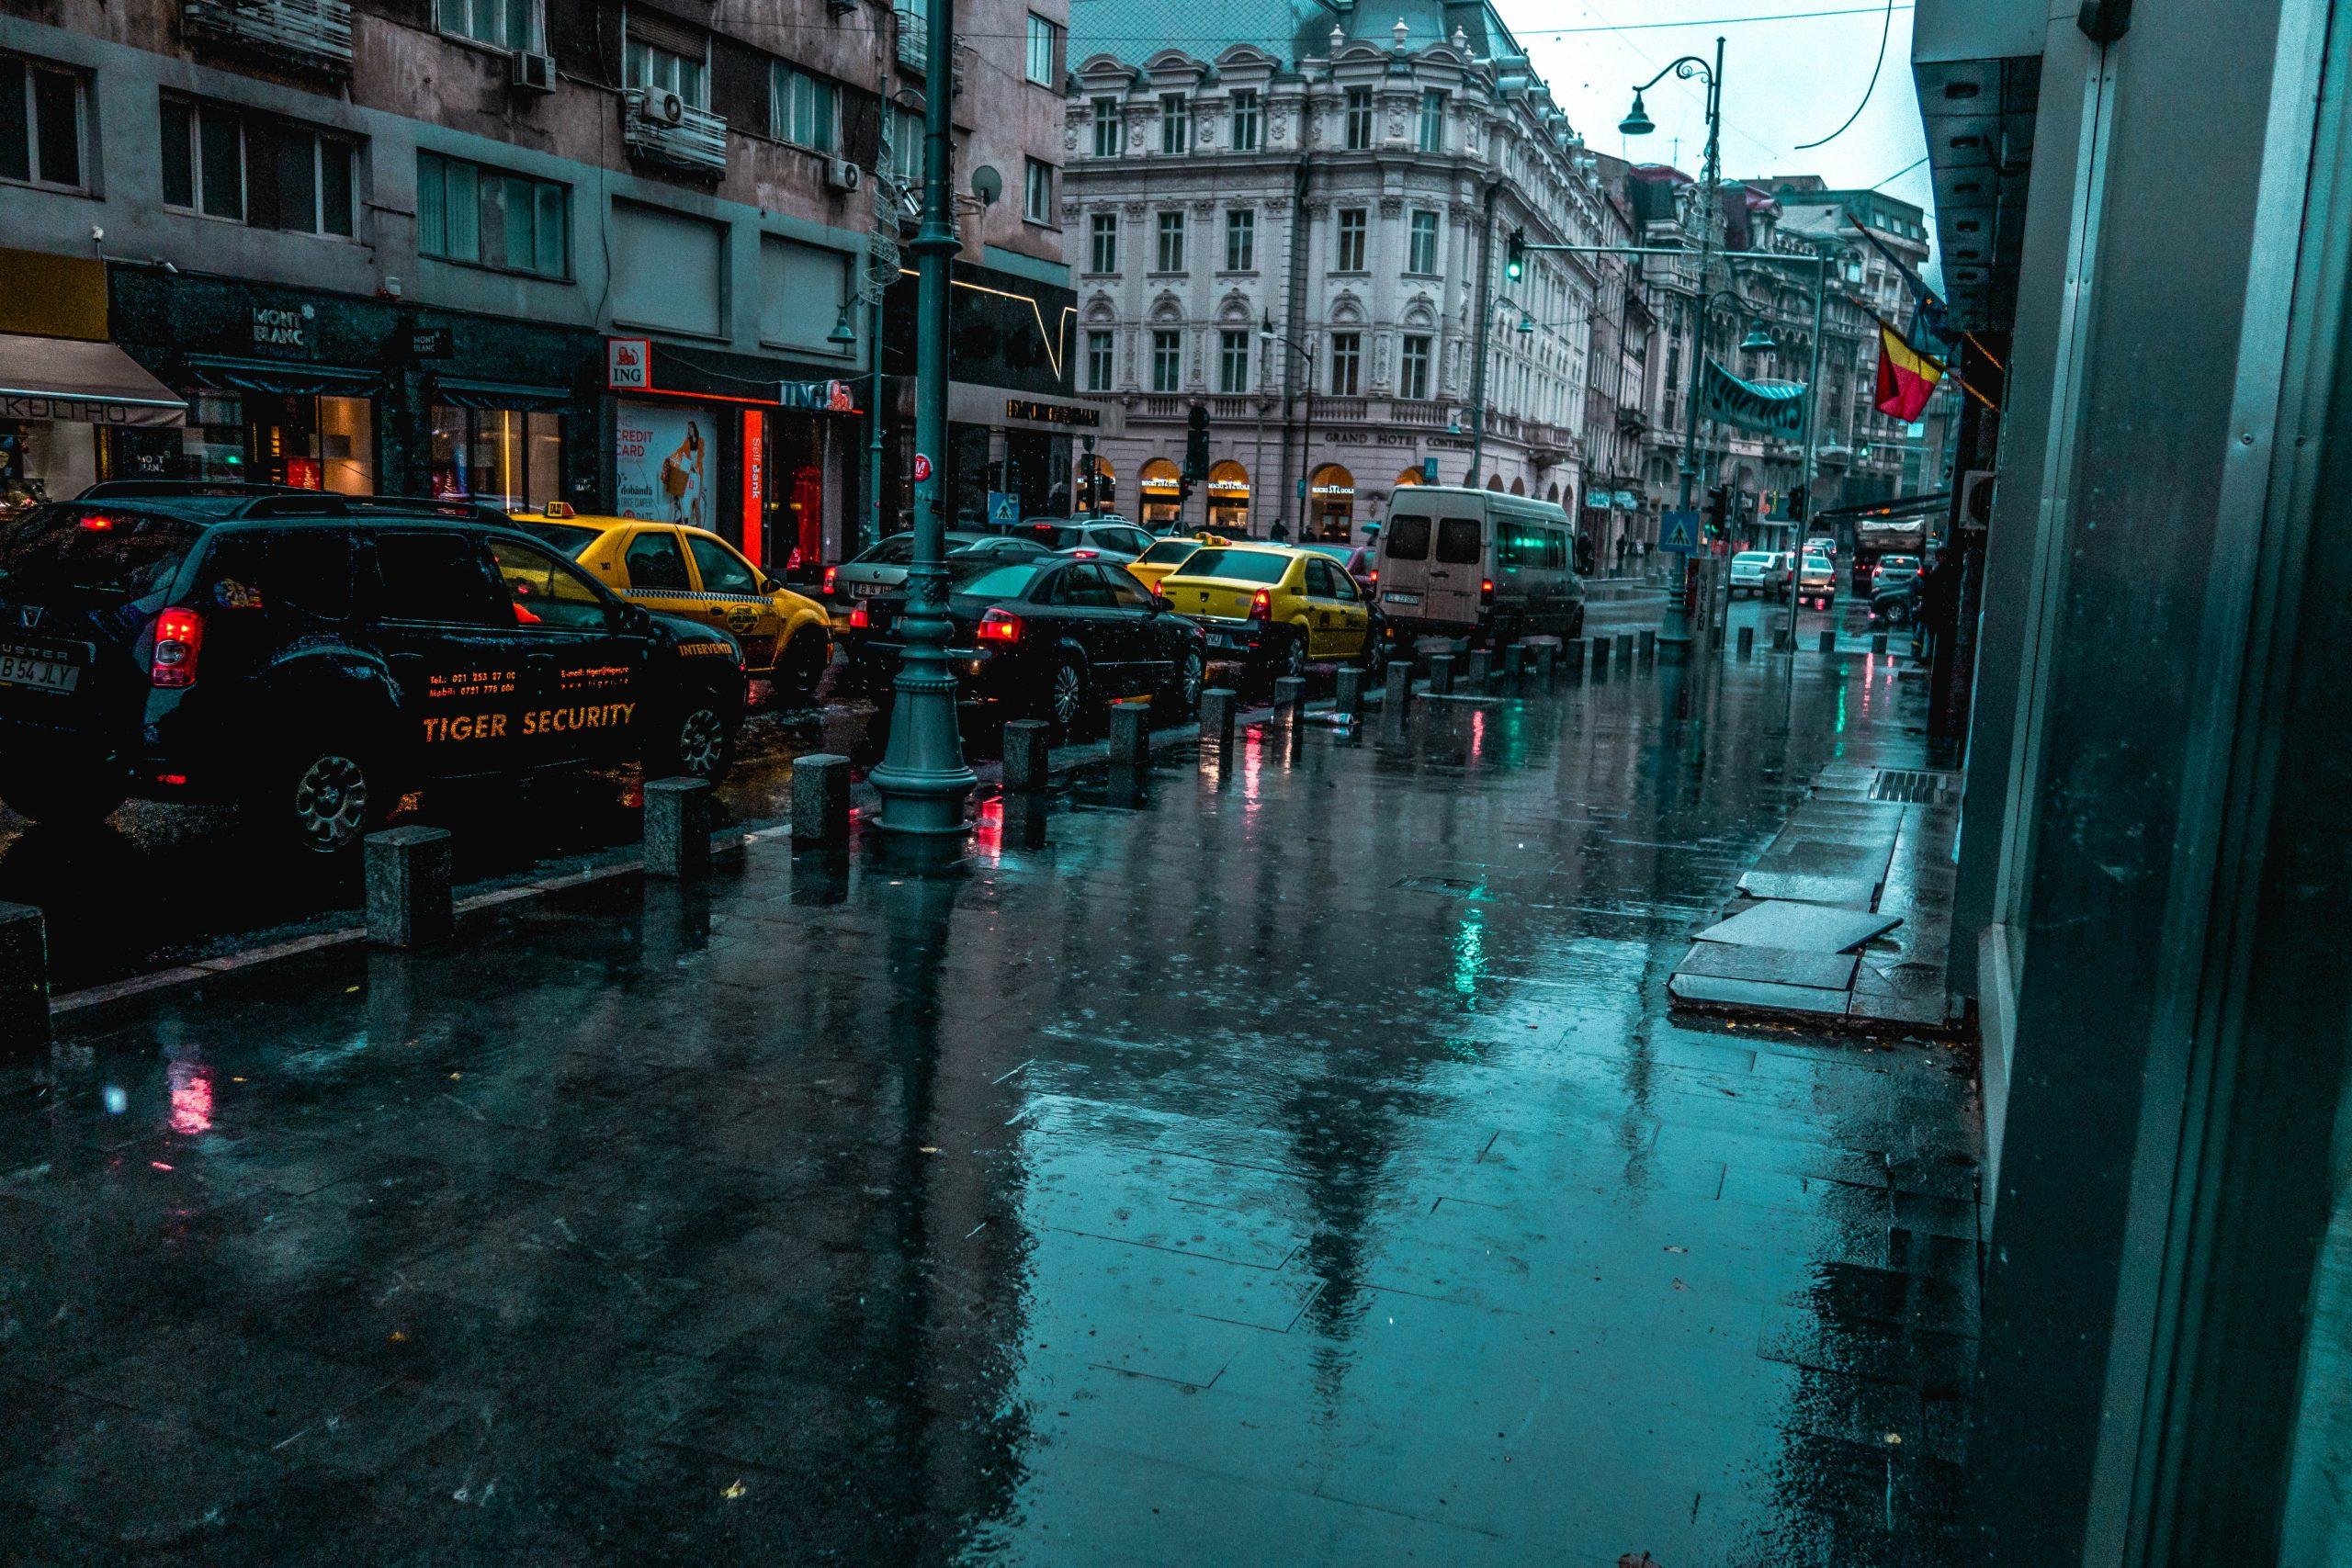 Ploaia a dat traficul din București peste cap. Toate intrările spre Capitală sunt blocate